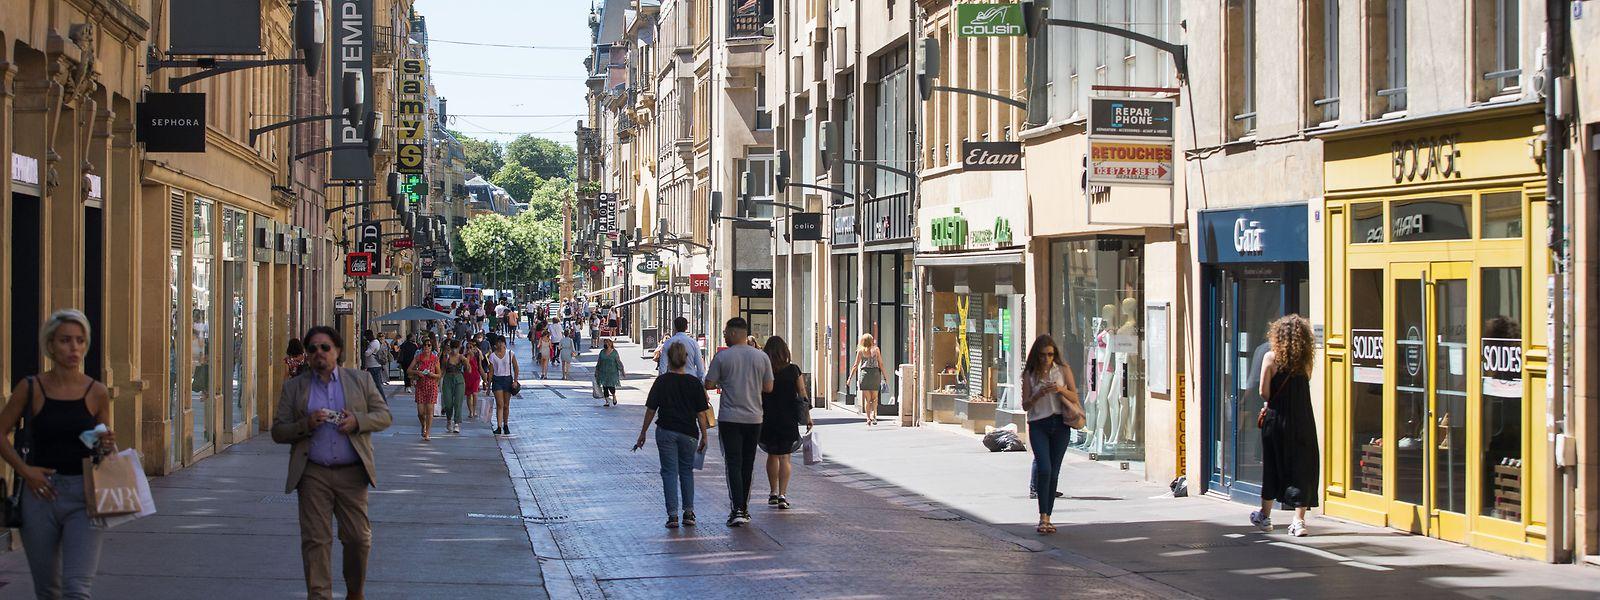 Le préfet de la Moselle va s'entretenir avec les maires des grandes villes du département pour voir quand le masque pourra être rendu obligatoire dans leur commune.